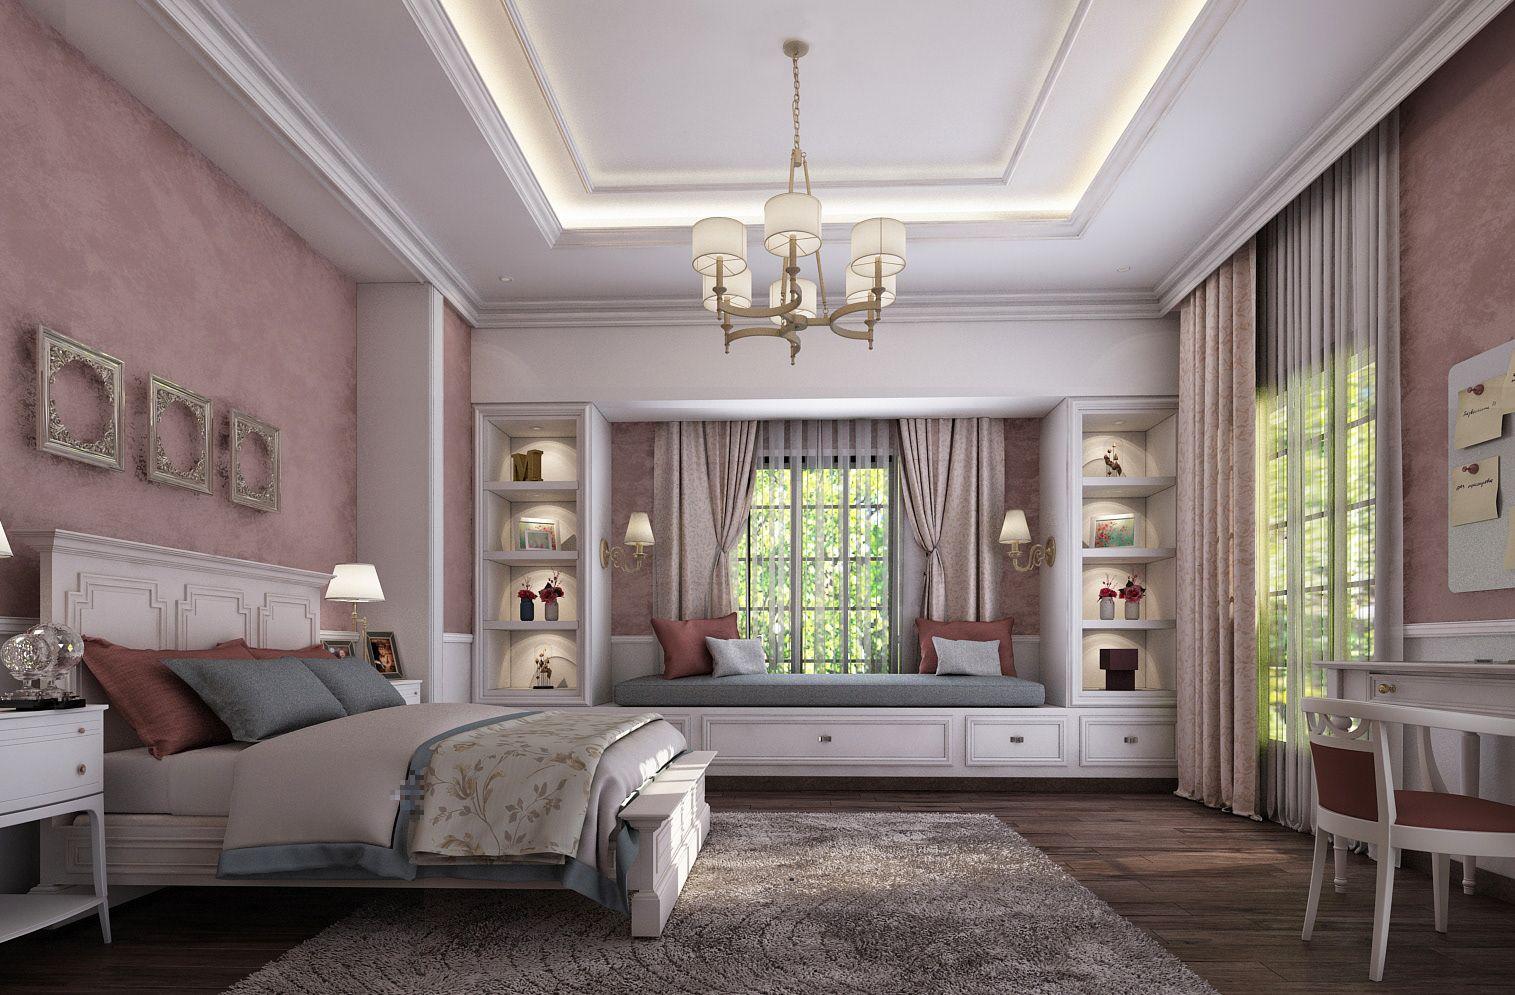 Luxury Master Bedroom Ideas Design Trends 2020 Luxury Bedroom